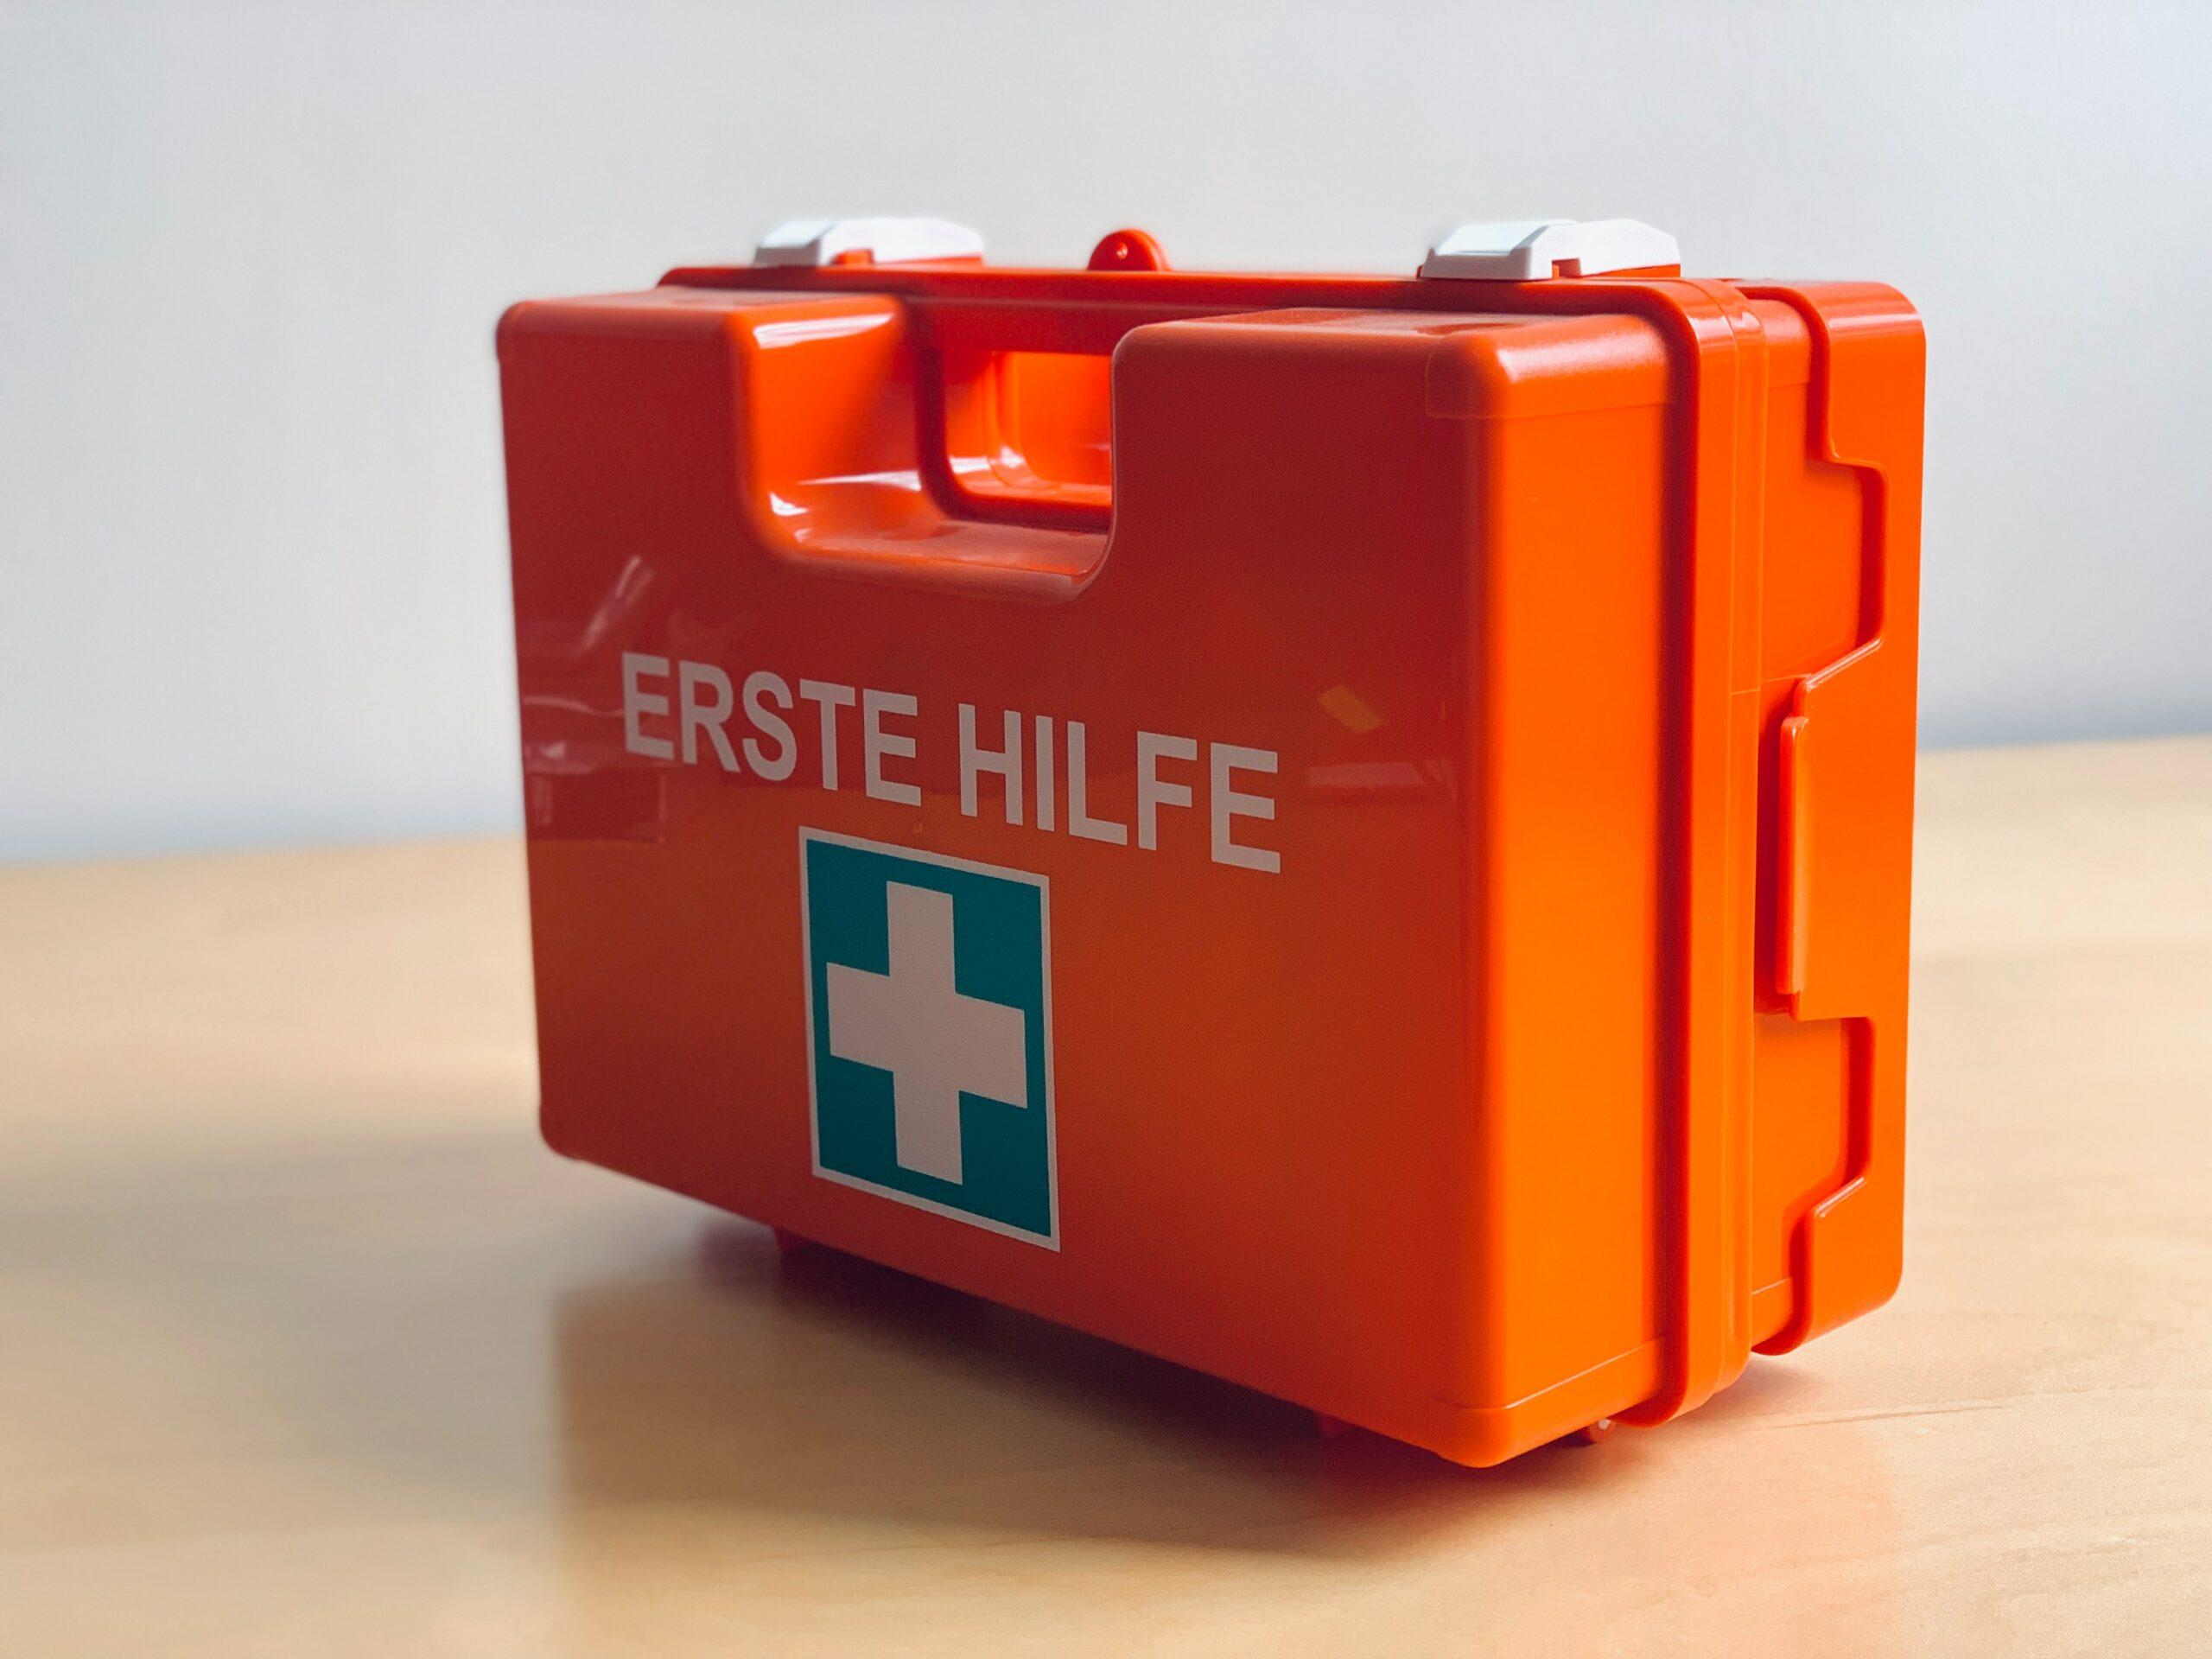 Abbildung eines ersten Hilfe Koffers